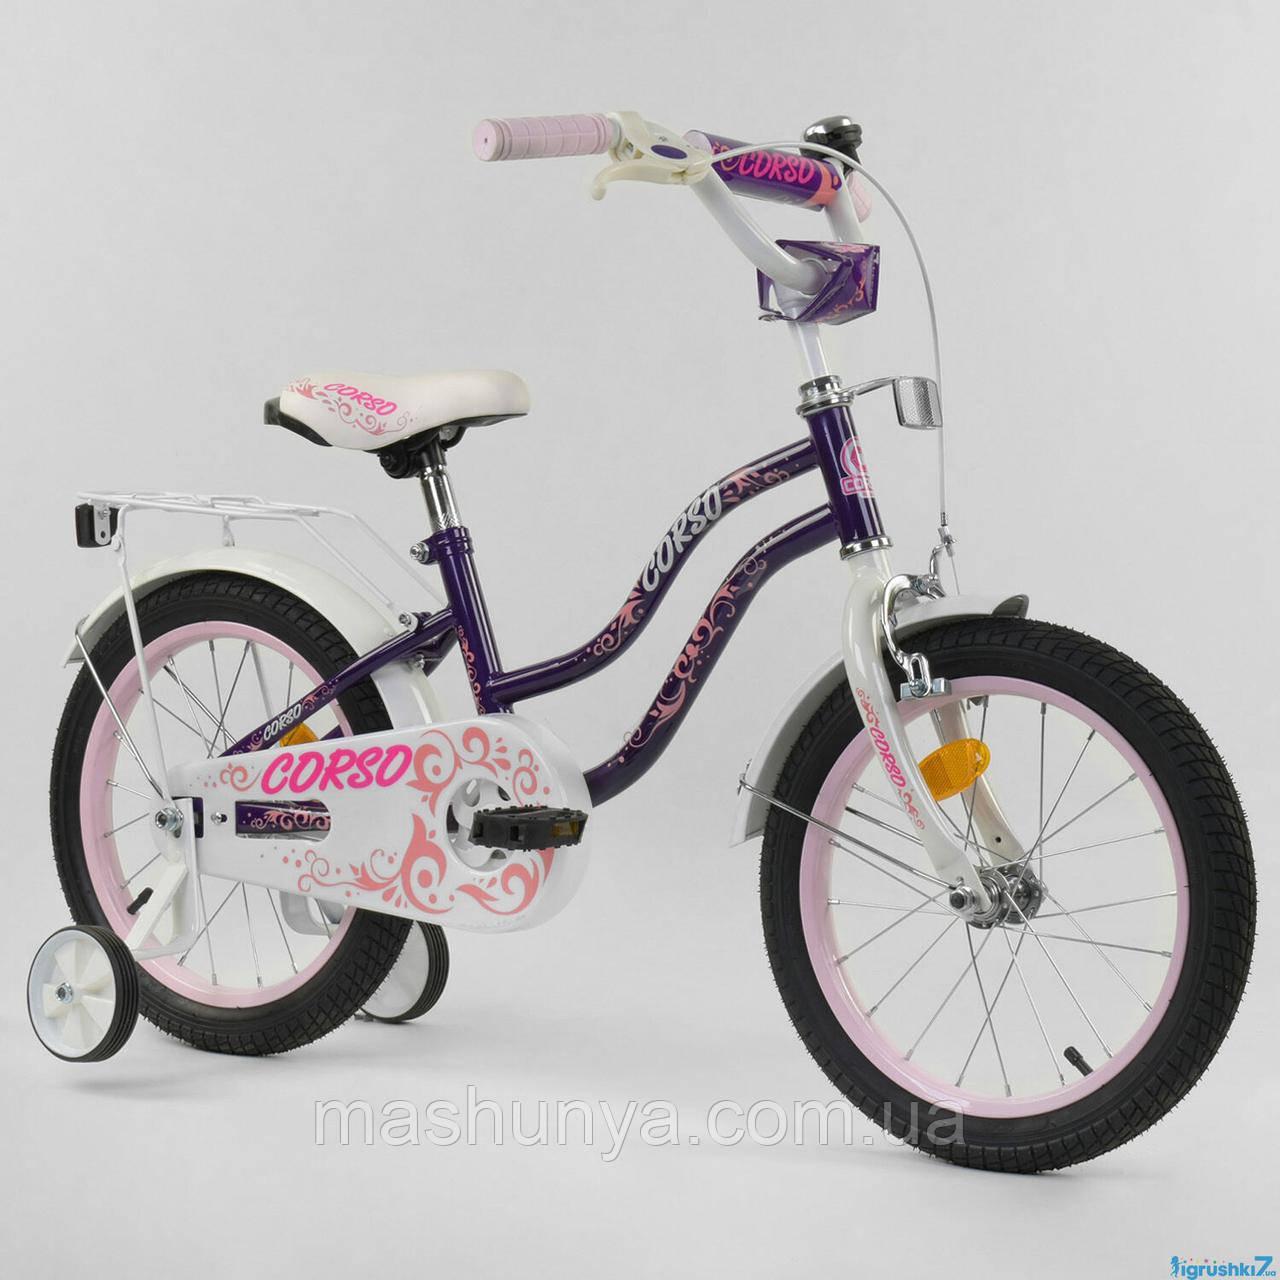 Велосипед дитячий двоколісний Corso TS-16 дюймів (4-6 років)